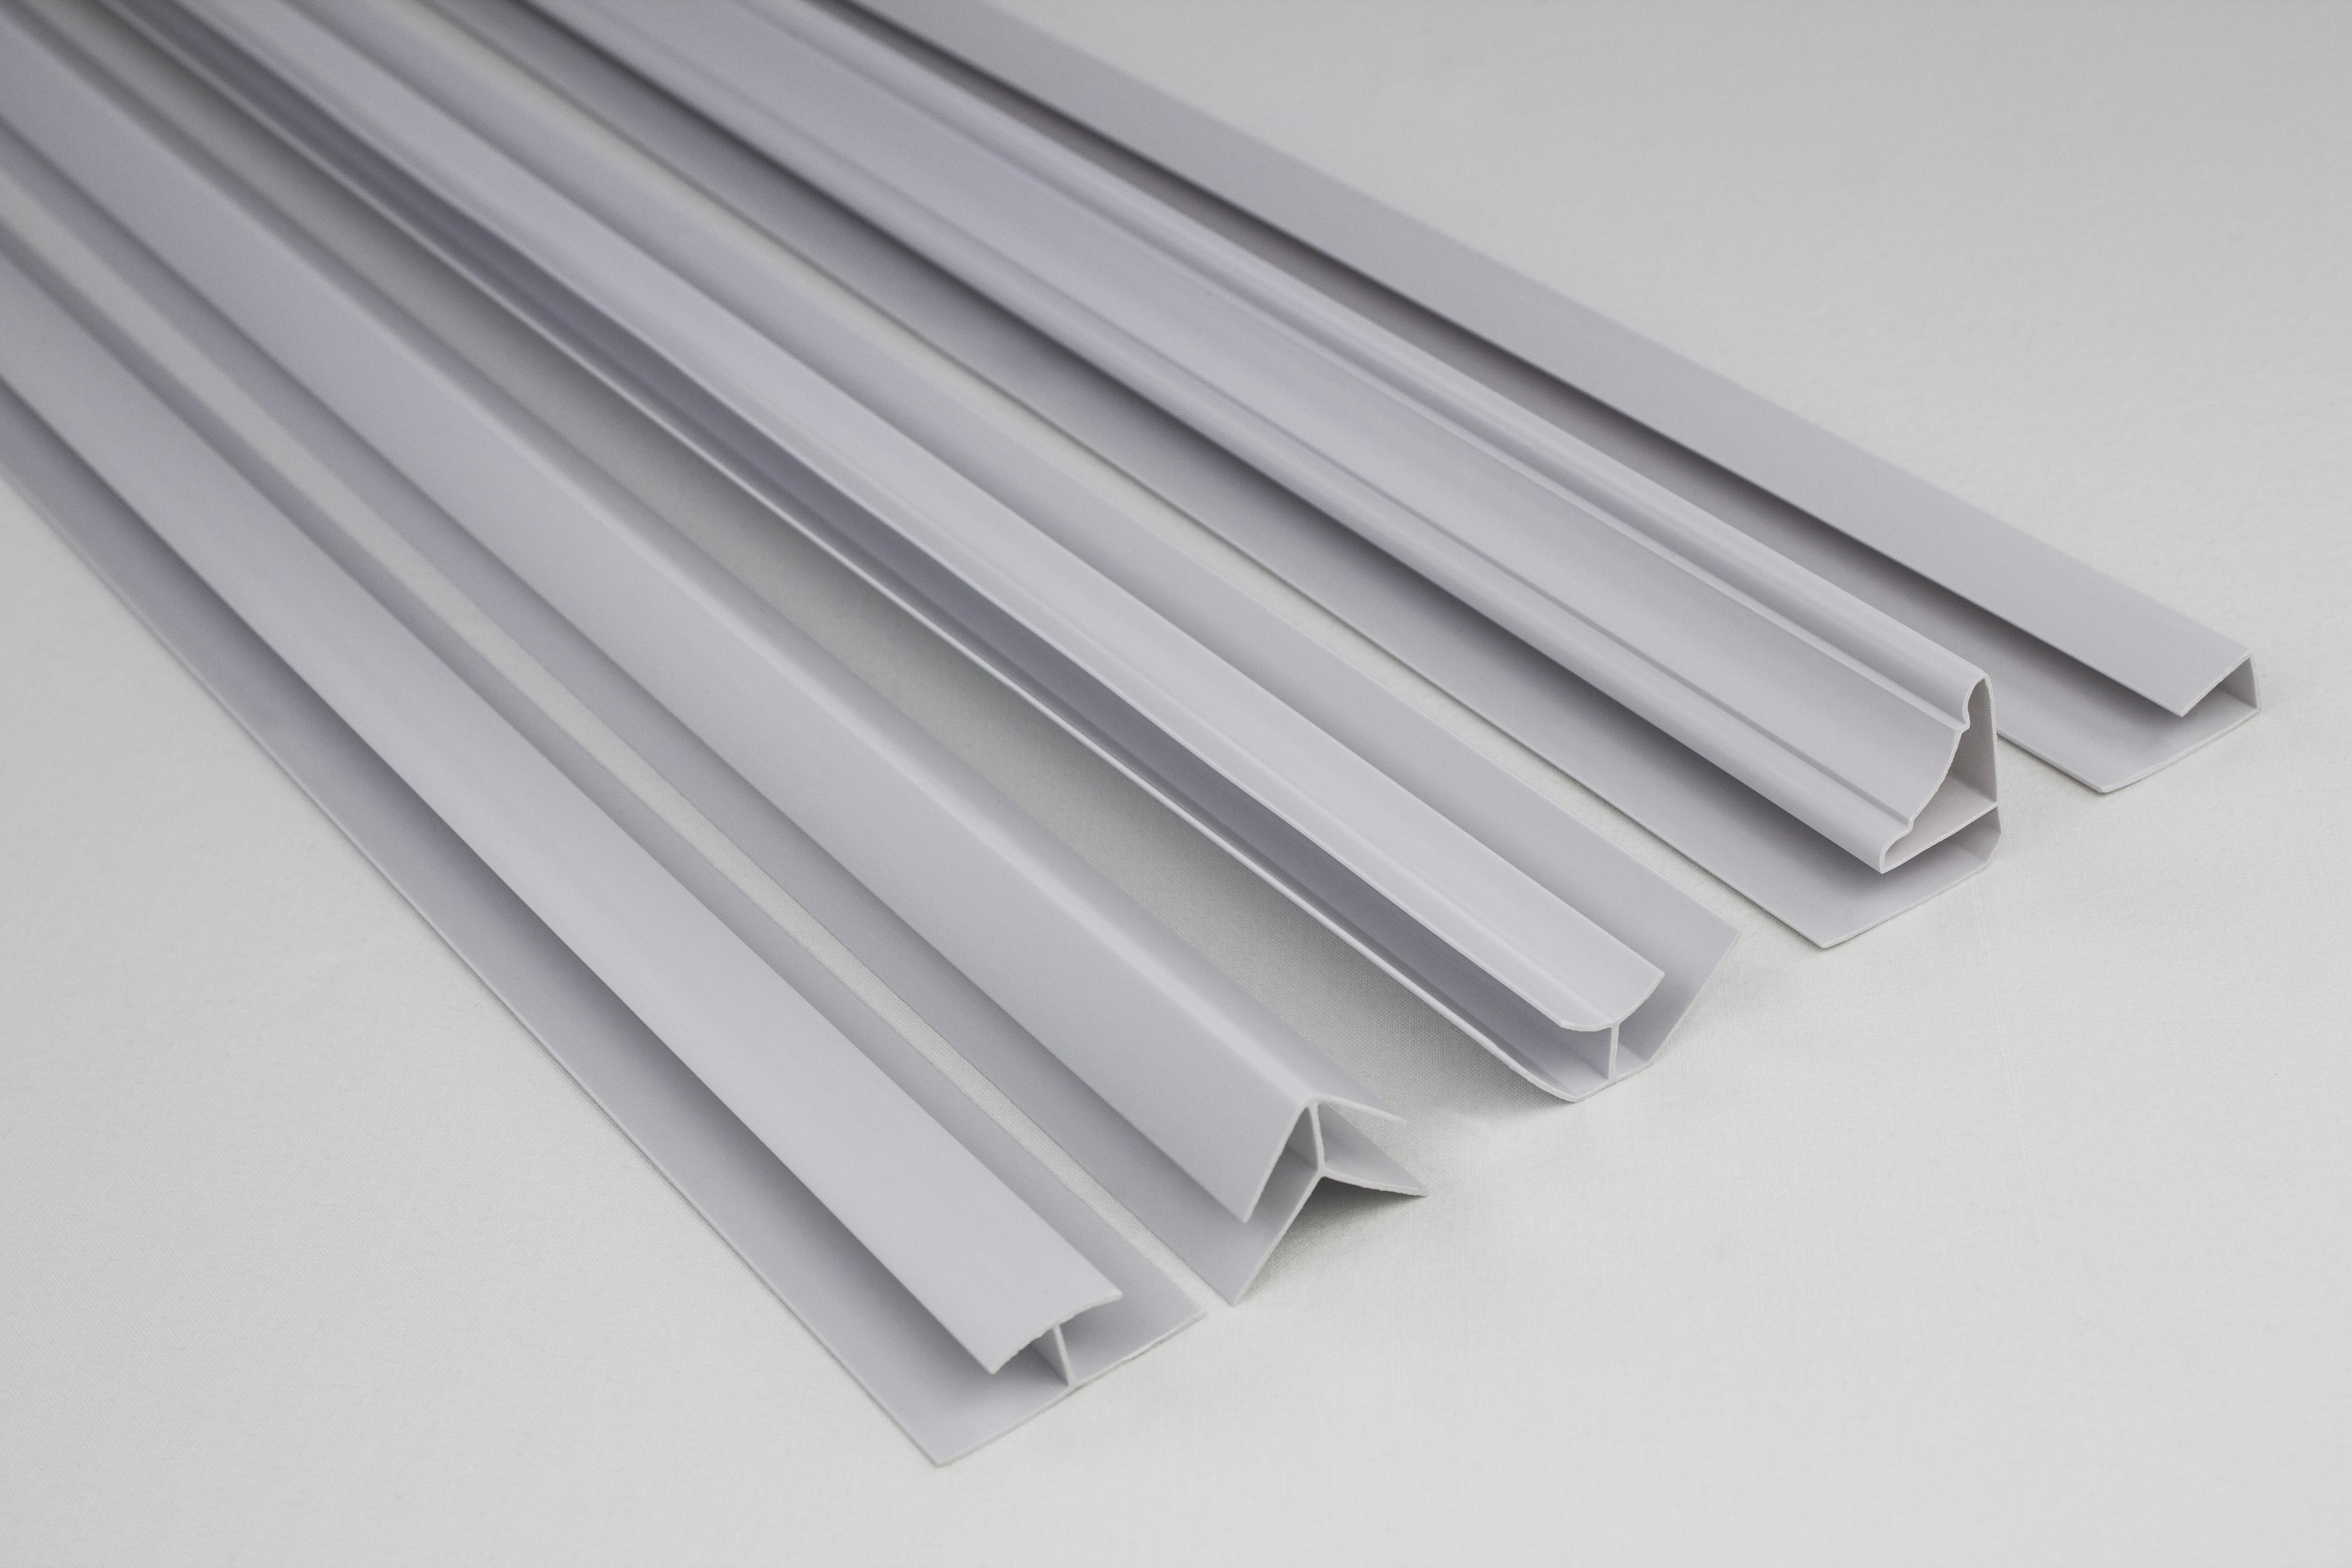 accessoires pour pvc panneau plafonds panneaux muraux g2 hw04 marbre blanc blanc ebay. Black Bedroom Furniture Sets. Home Design Ideas